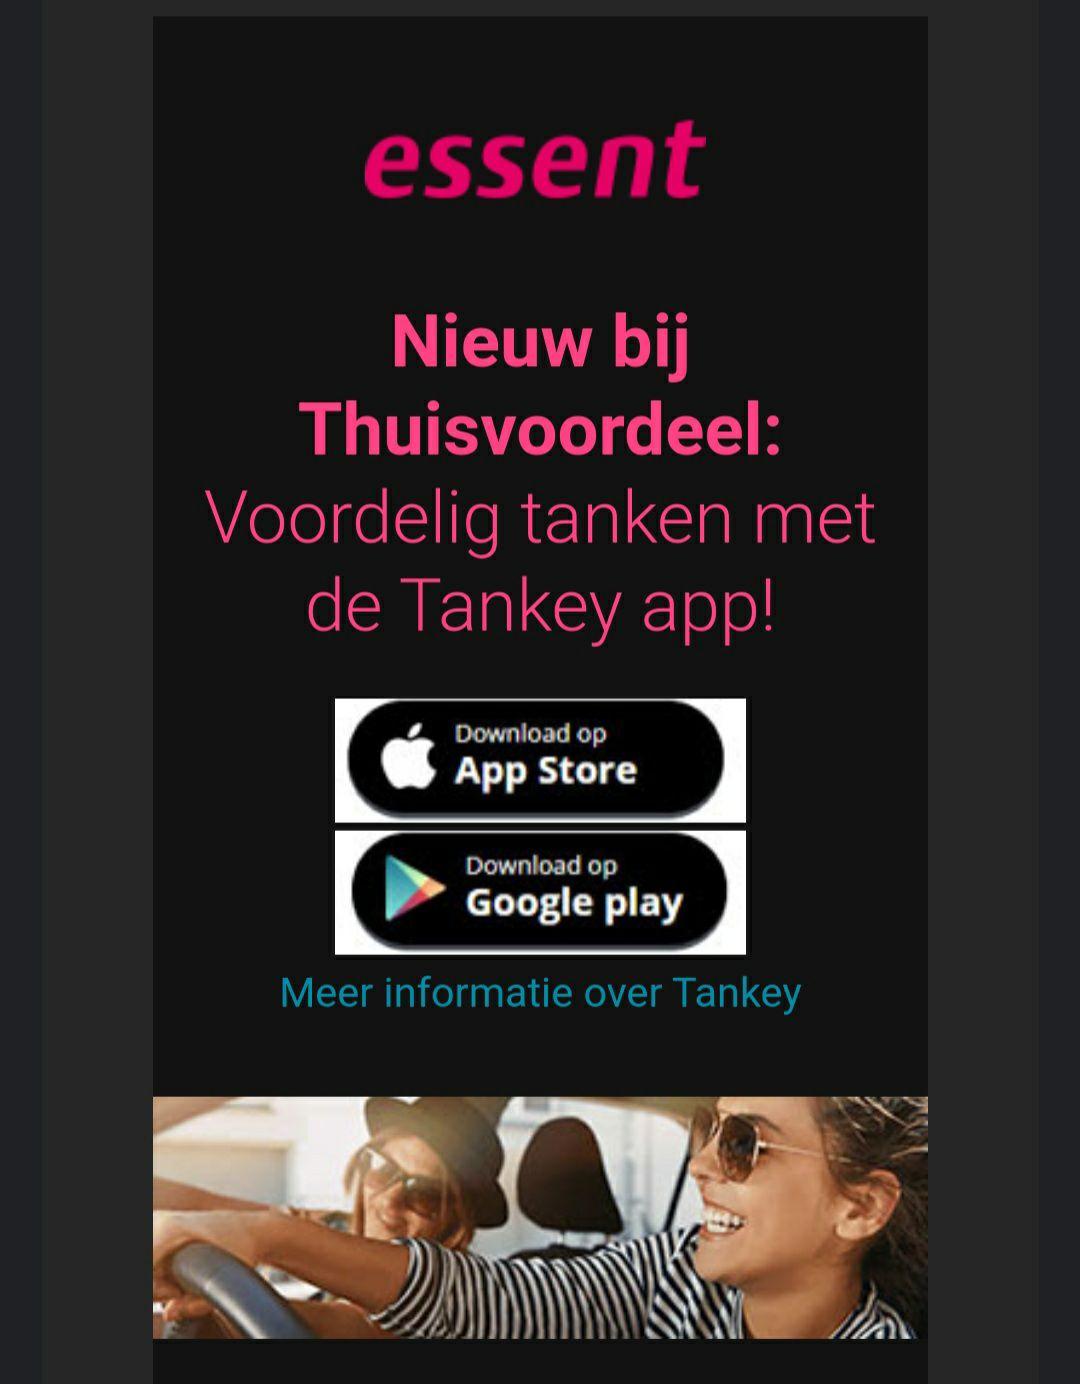 Essent thuisvoordeel: voordelig tanken met Tankey app